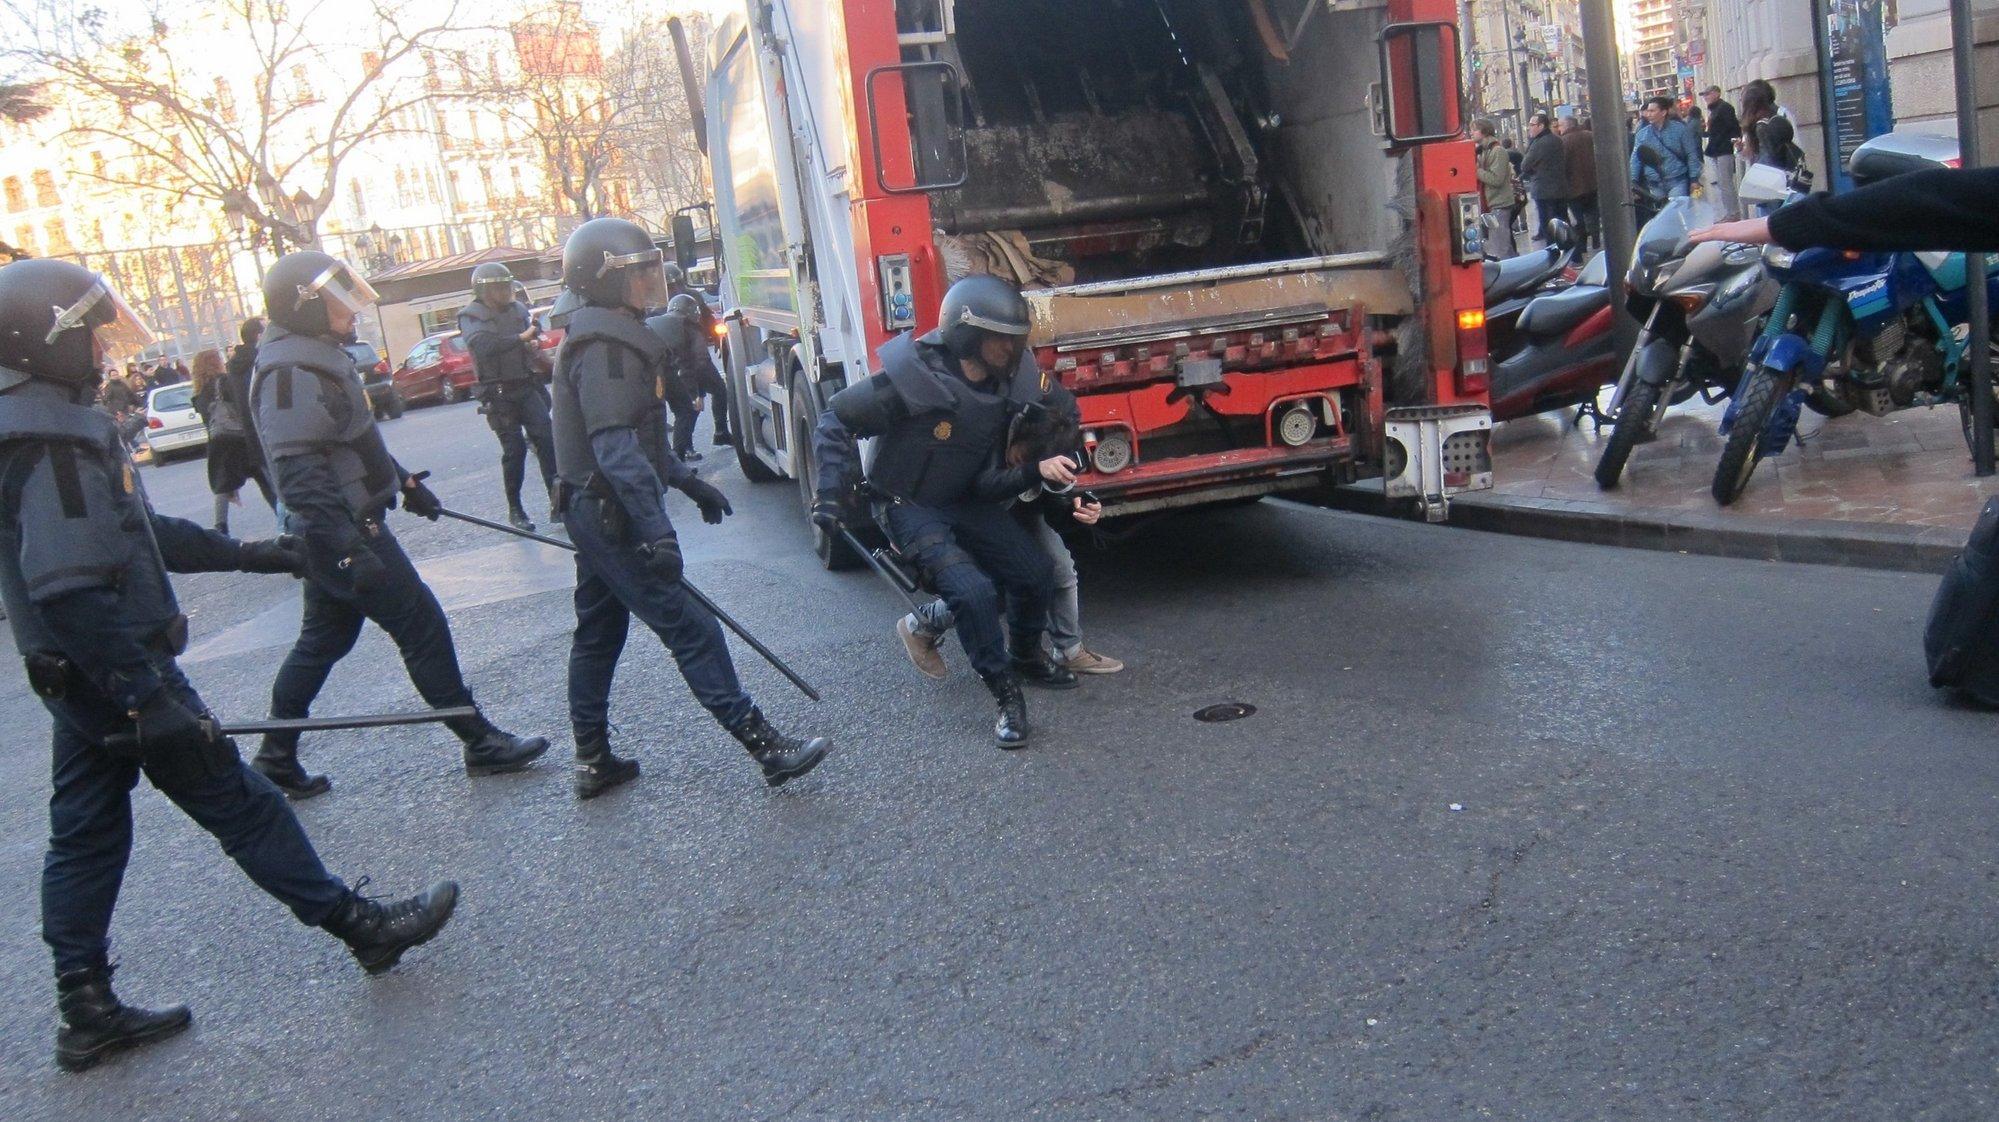 Rajoy pide «mesura» a todos para evitar incidentes como en Valencia